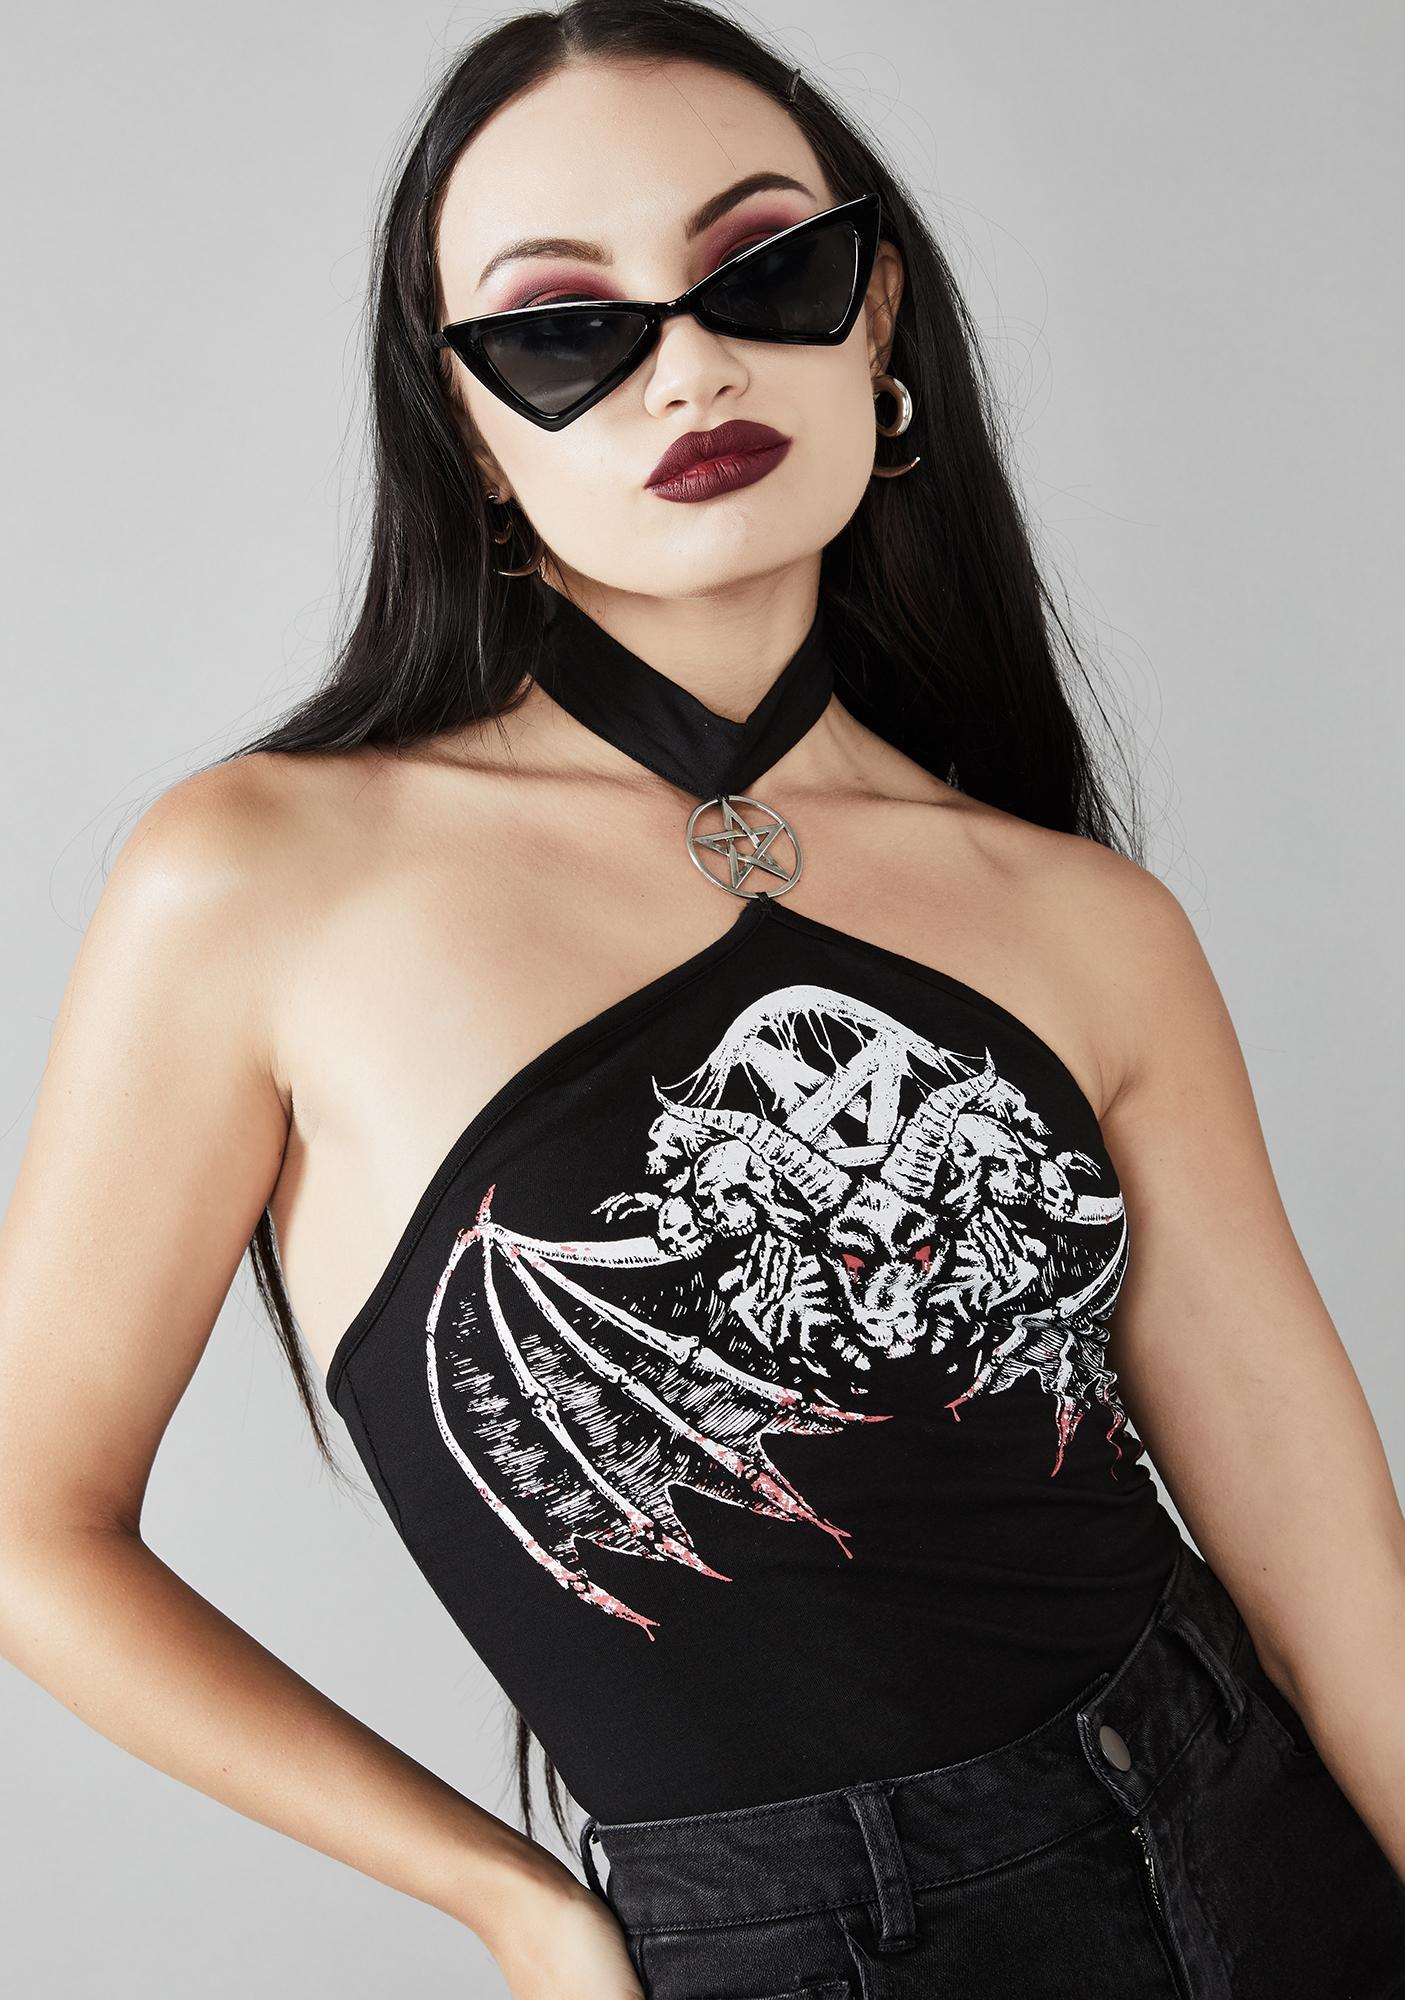 Widow Nightwings Choker Top